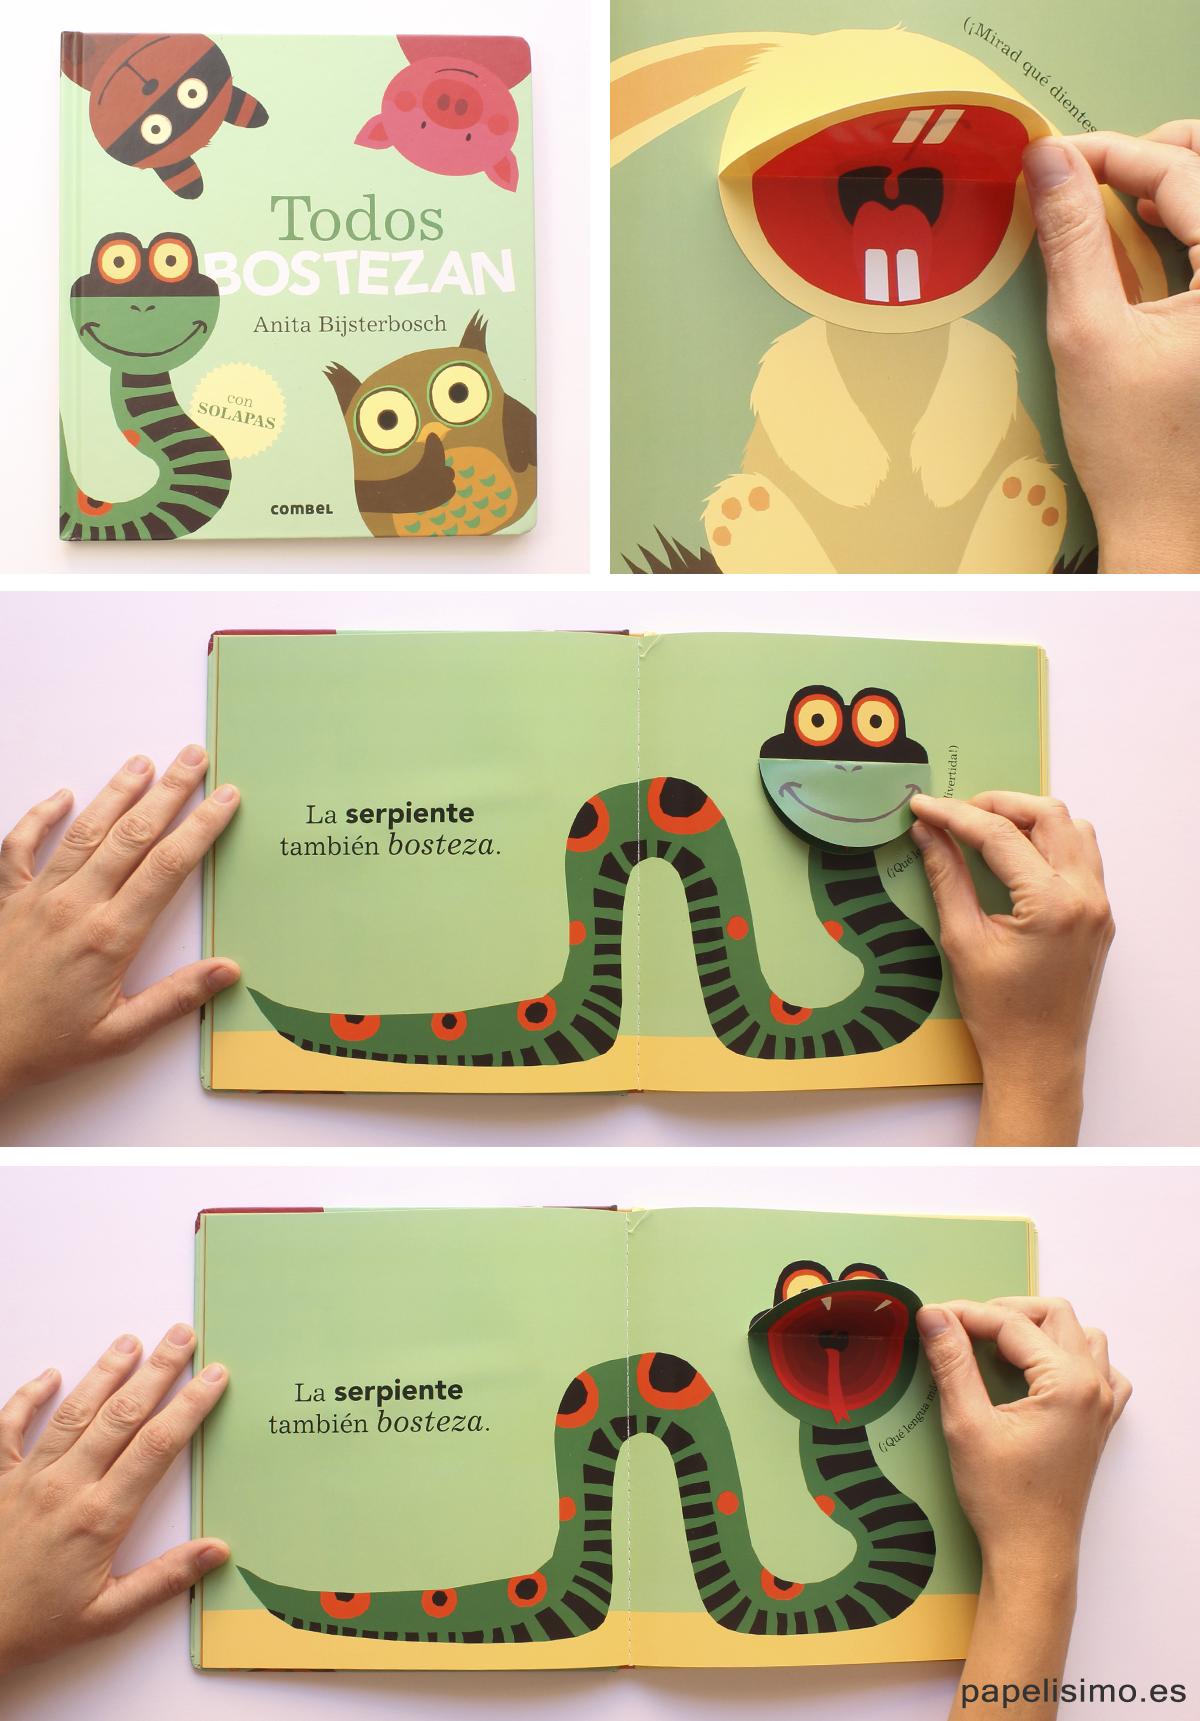 libros interactivos para ninos de 0 a 3 anos